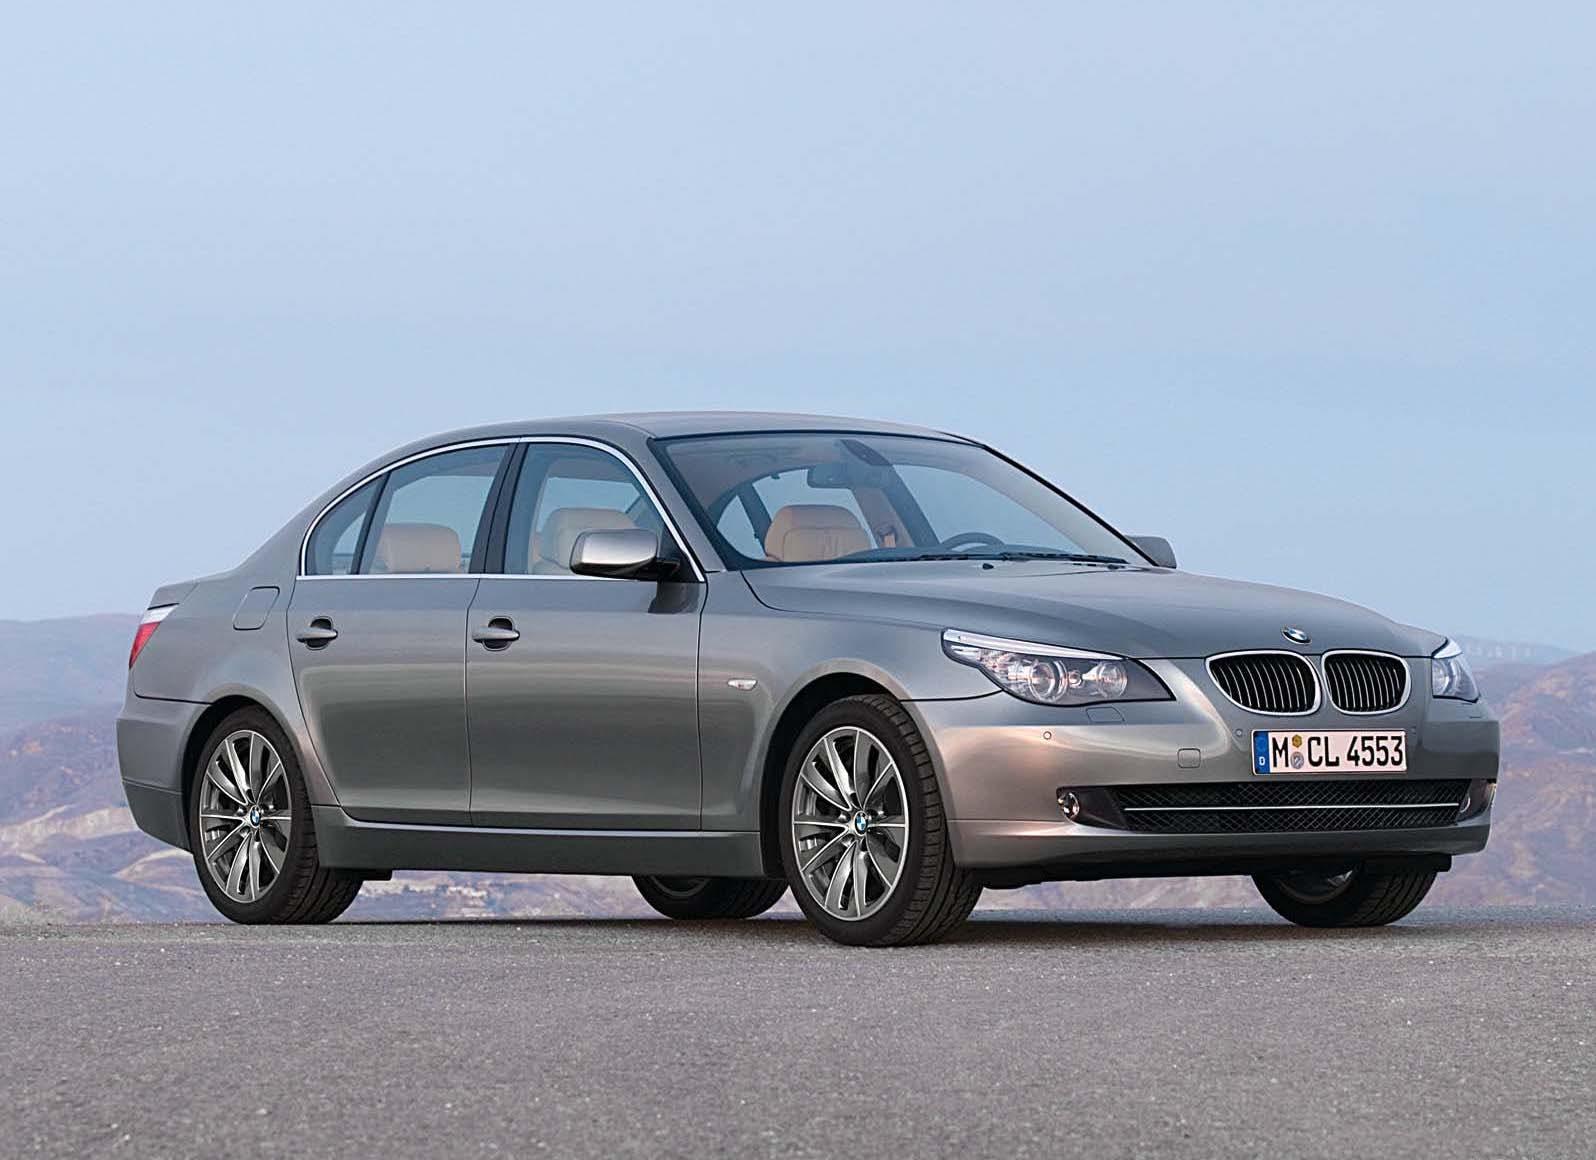 Populiariausi automobilių modeliai Lietuvoje 2020 pagal carVertical